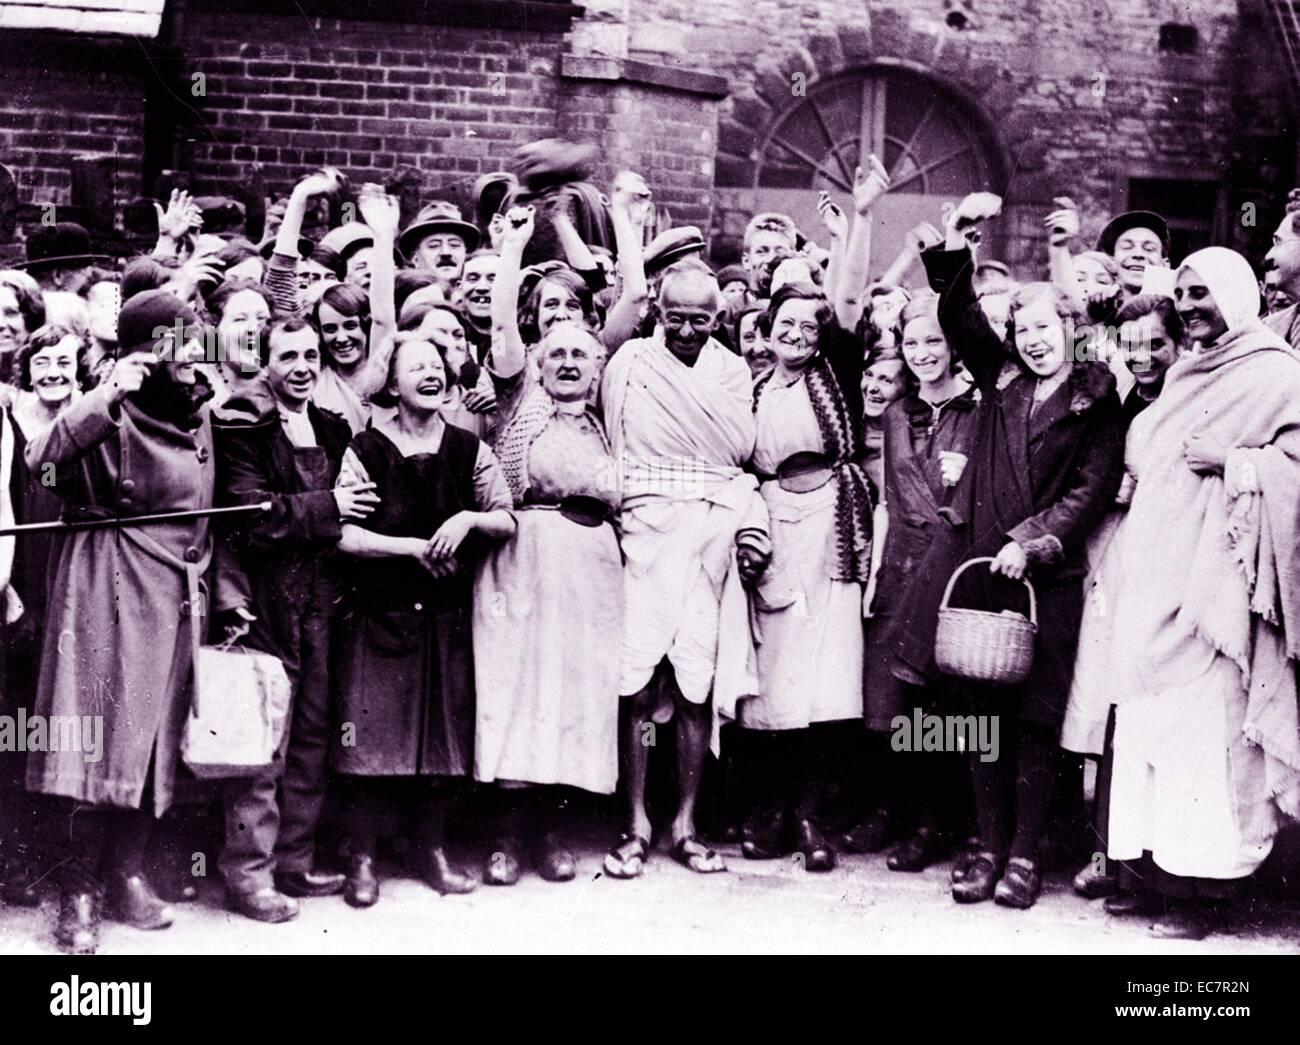 Fotografia del Mahatma Gandhi di essere accolti da un gruppo di donne lavoratori tessili durante una visita a Darwen Immagini Stock